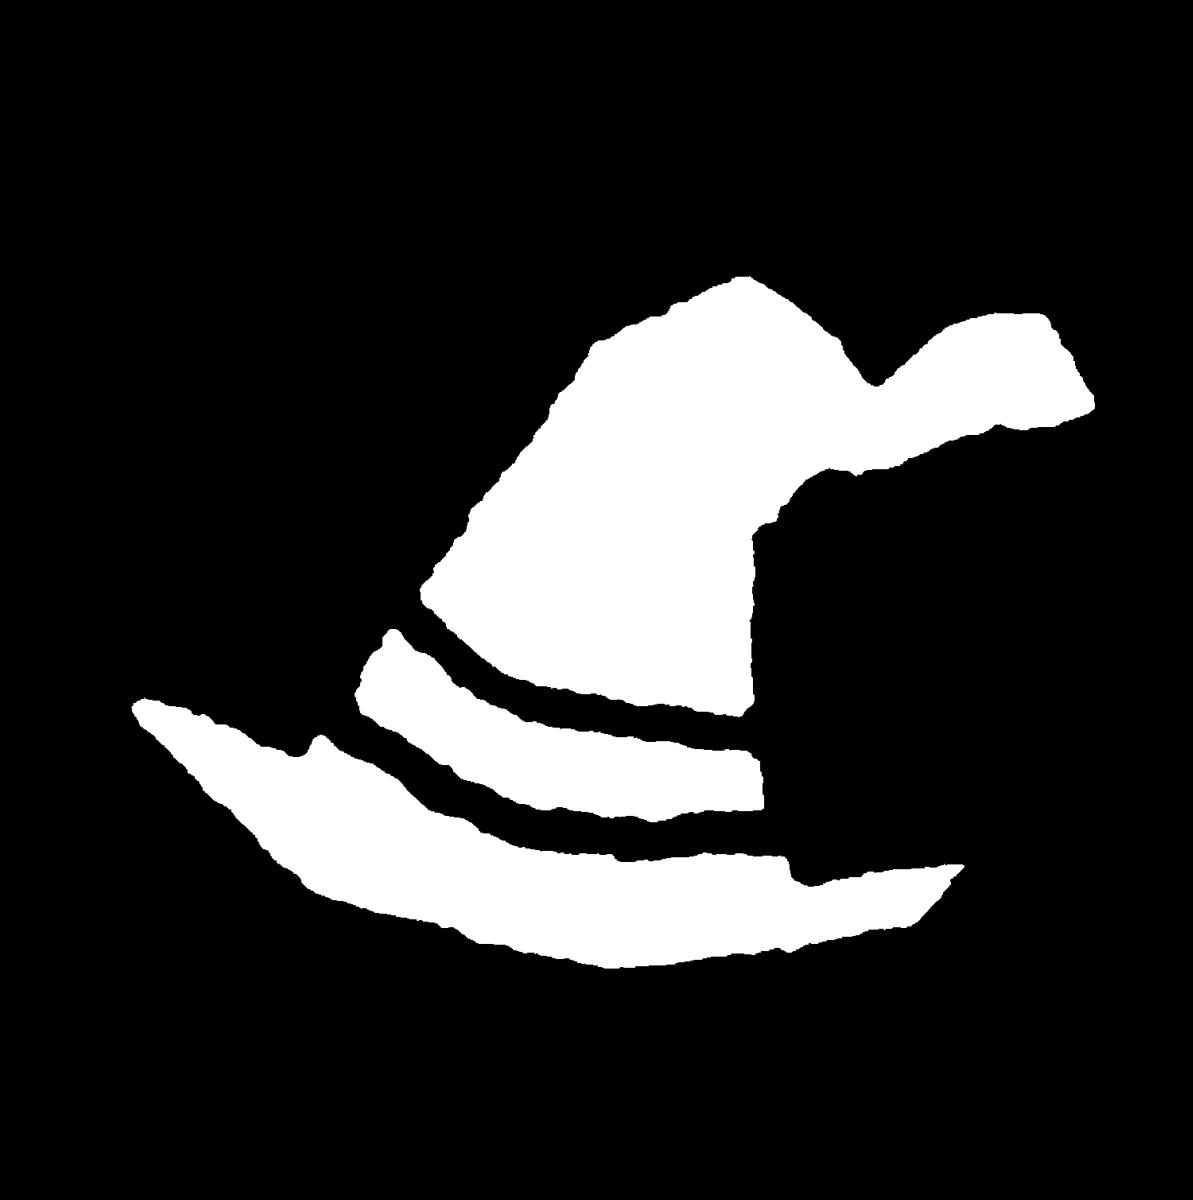 魔女の帽子のイラスト / Witch's hat Illustration